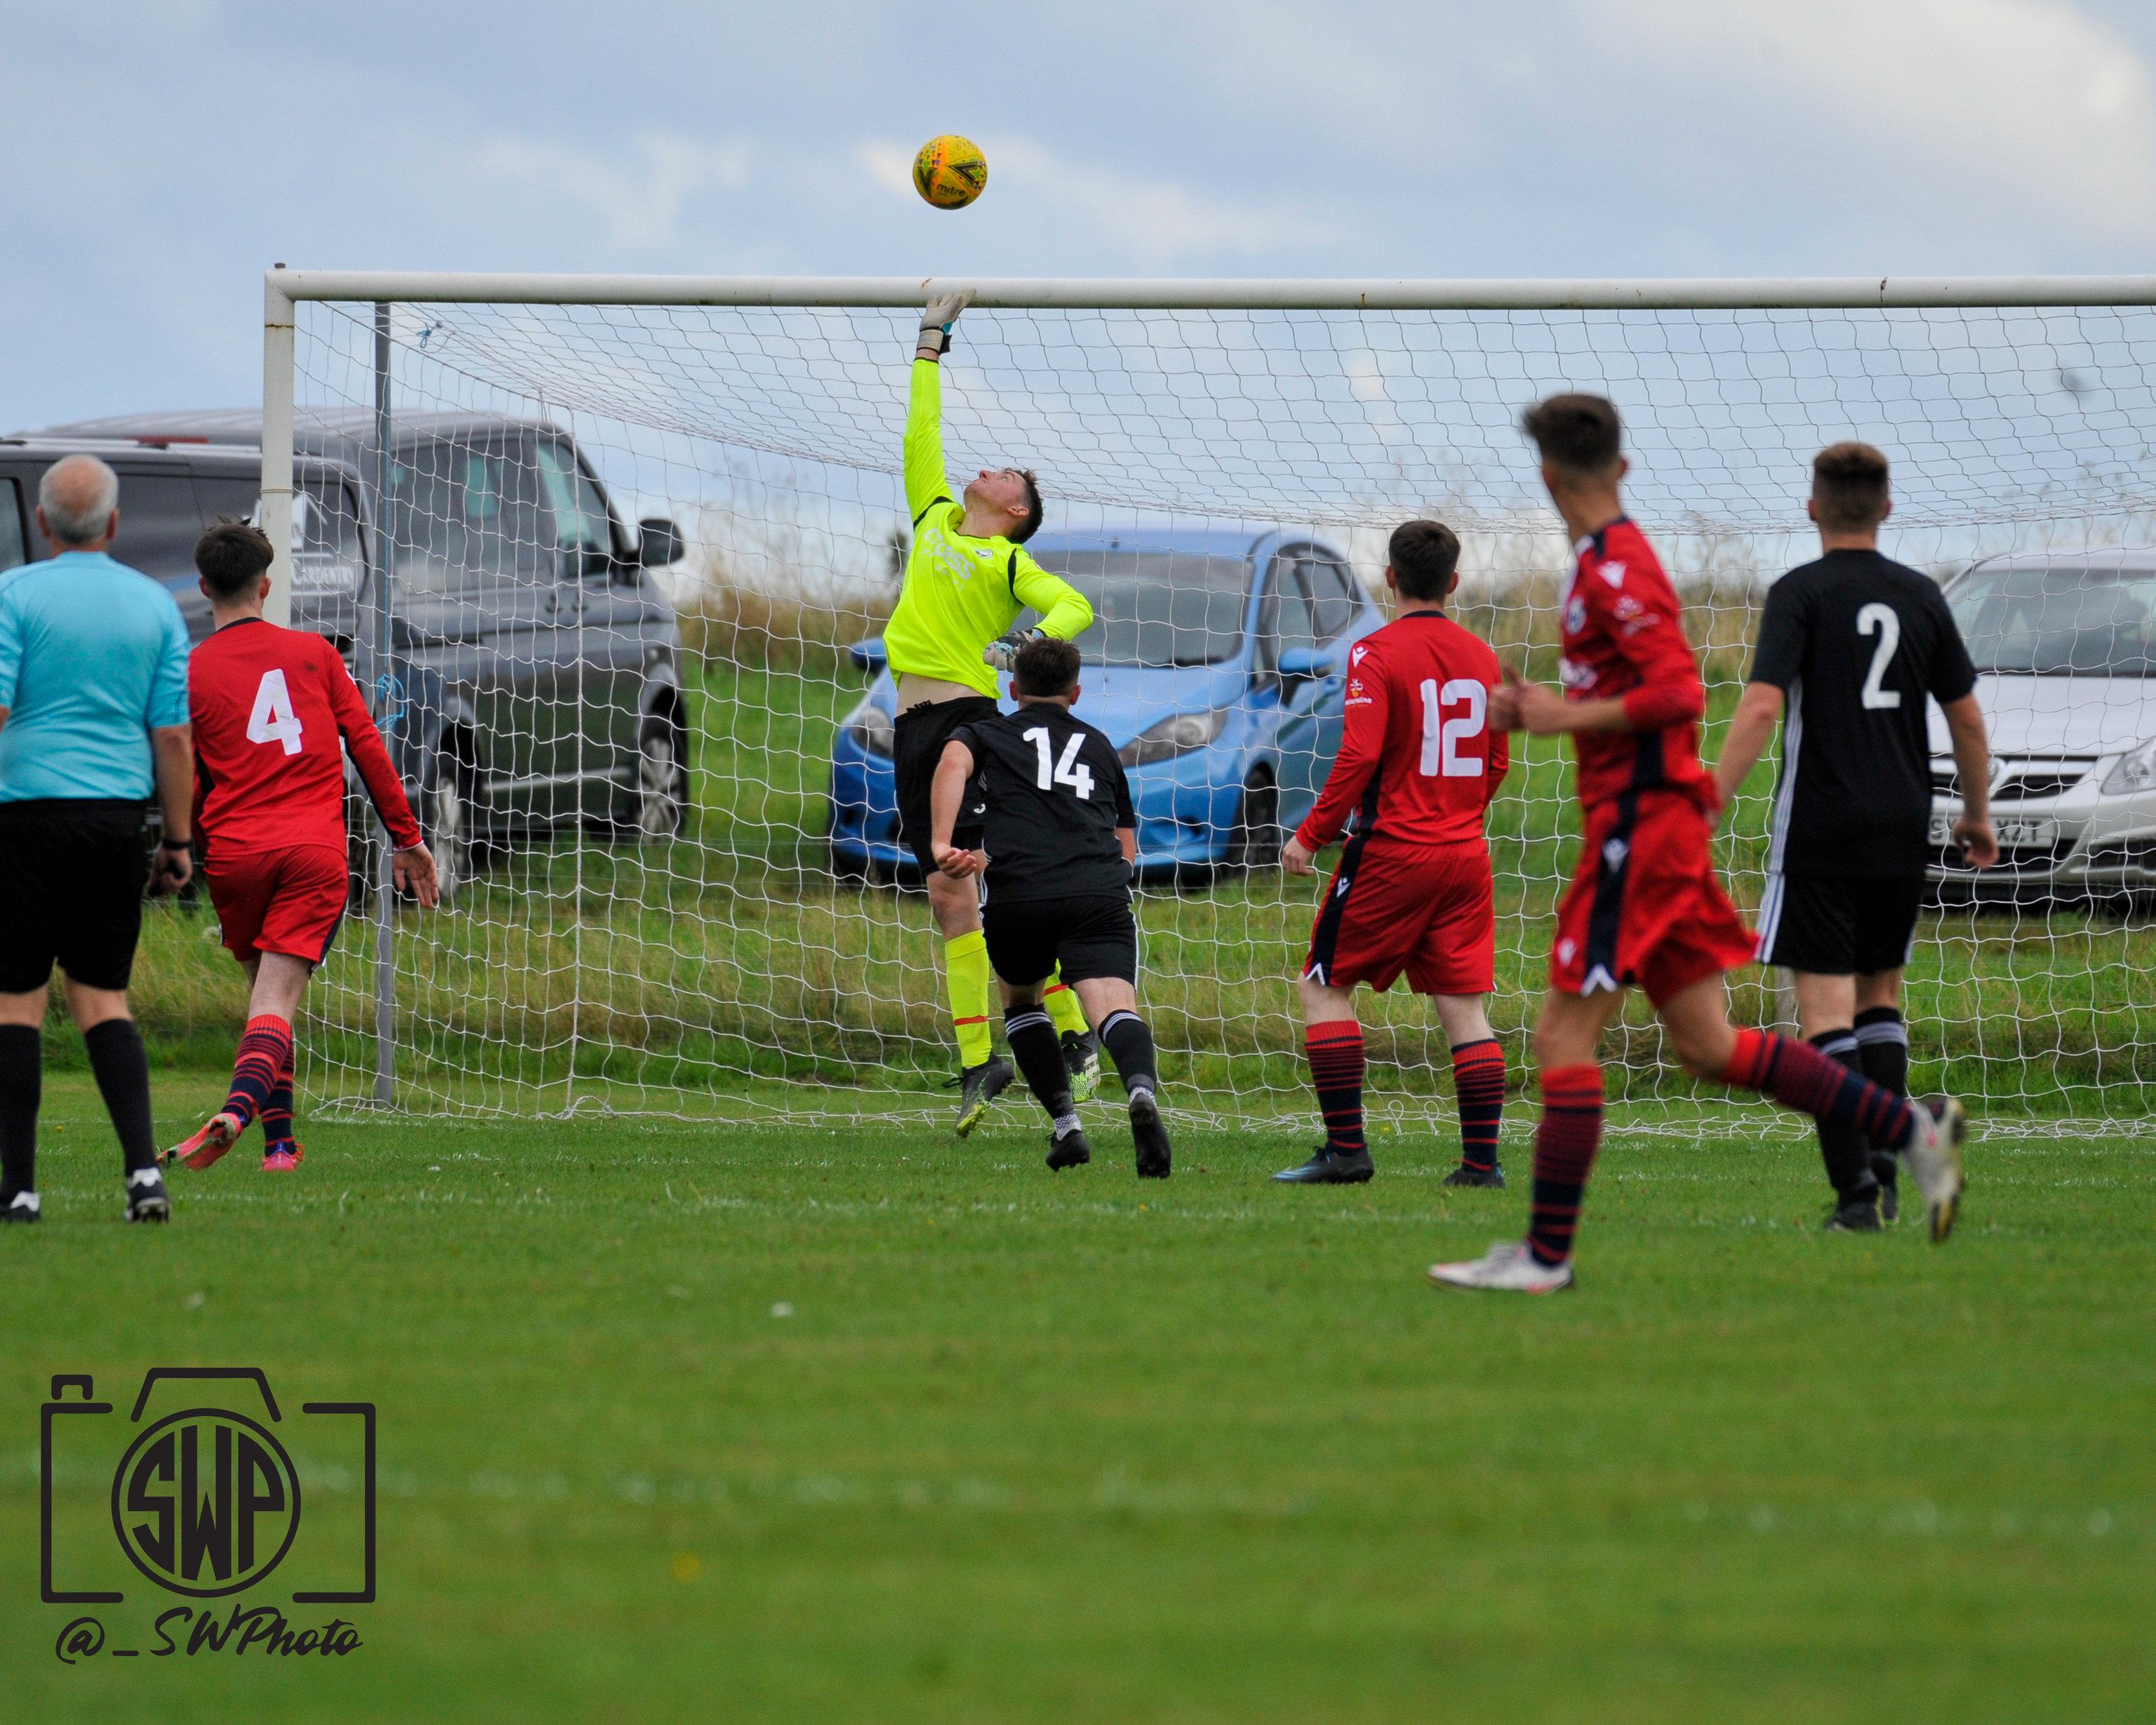 St Duthus FC v IAFC 18-09-21 -32